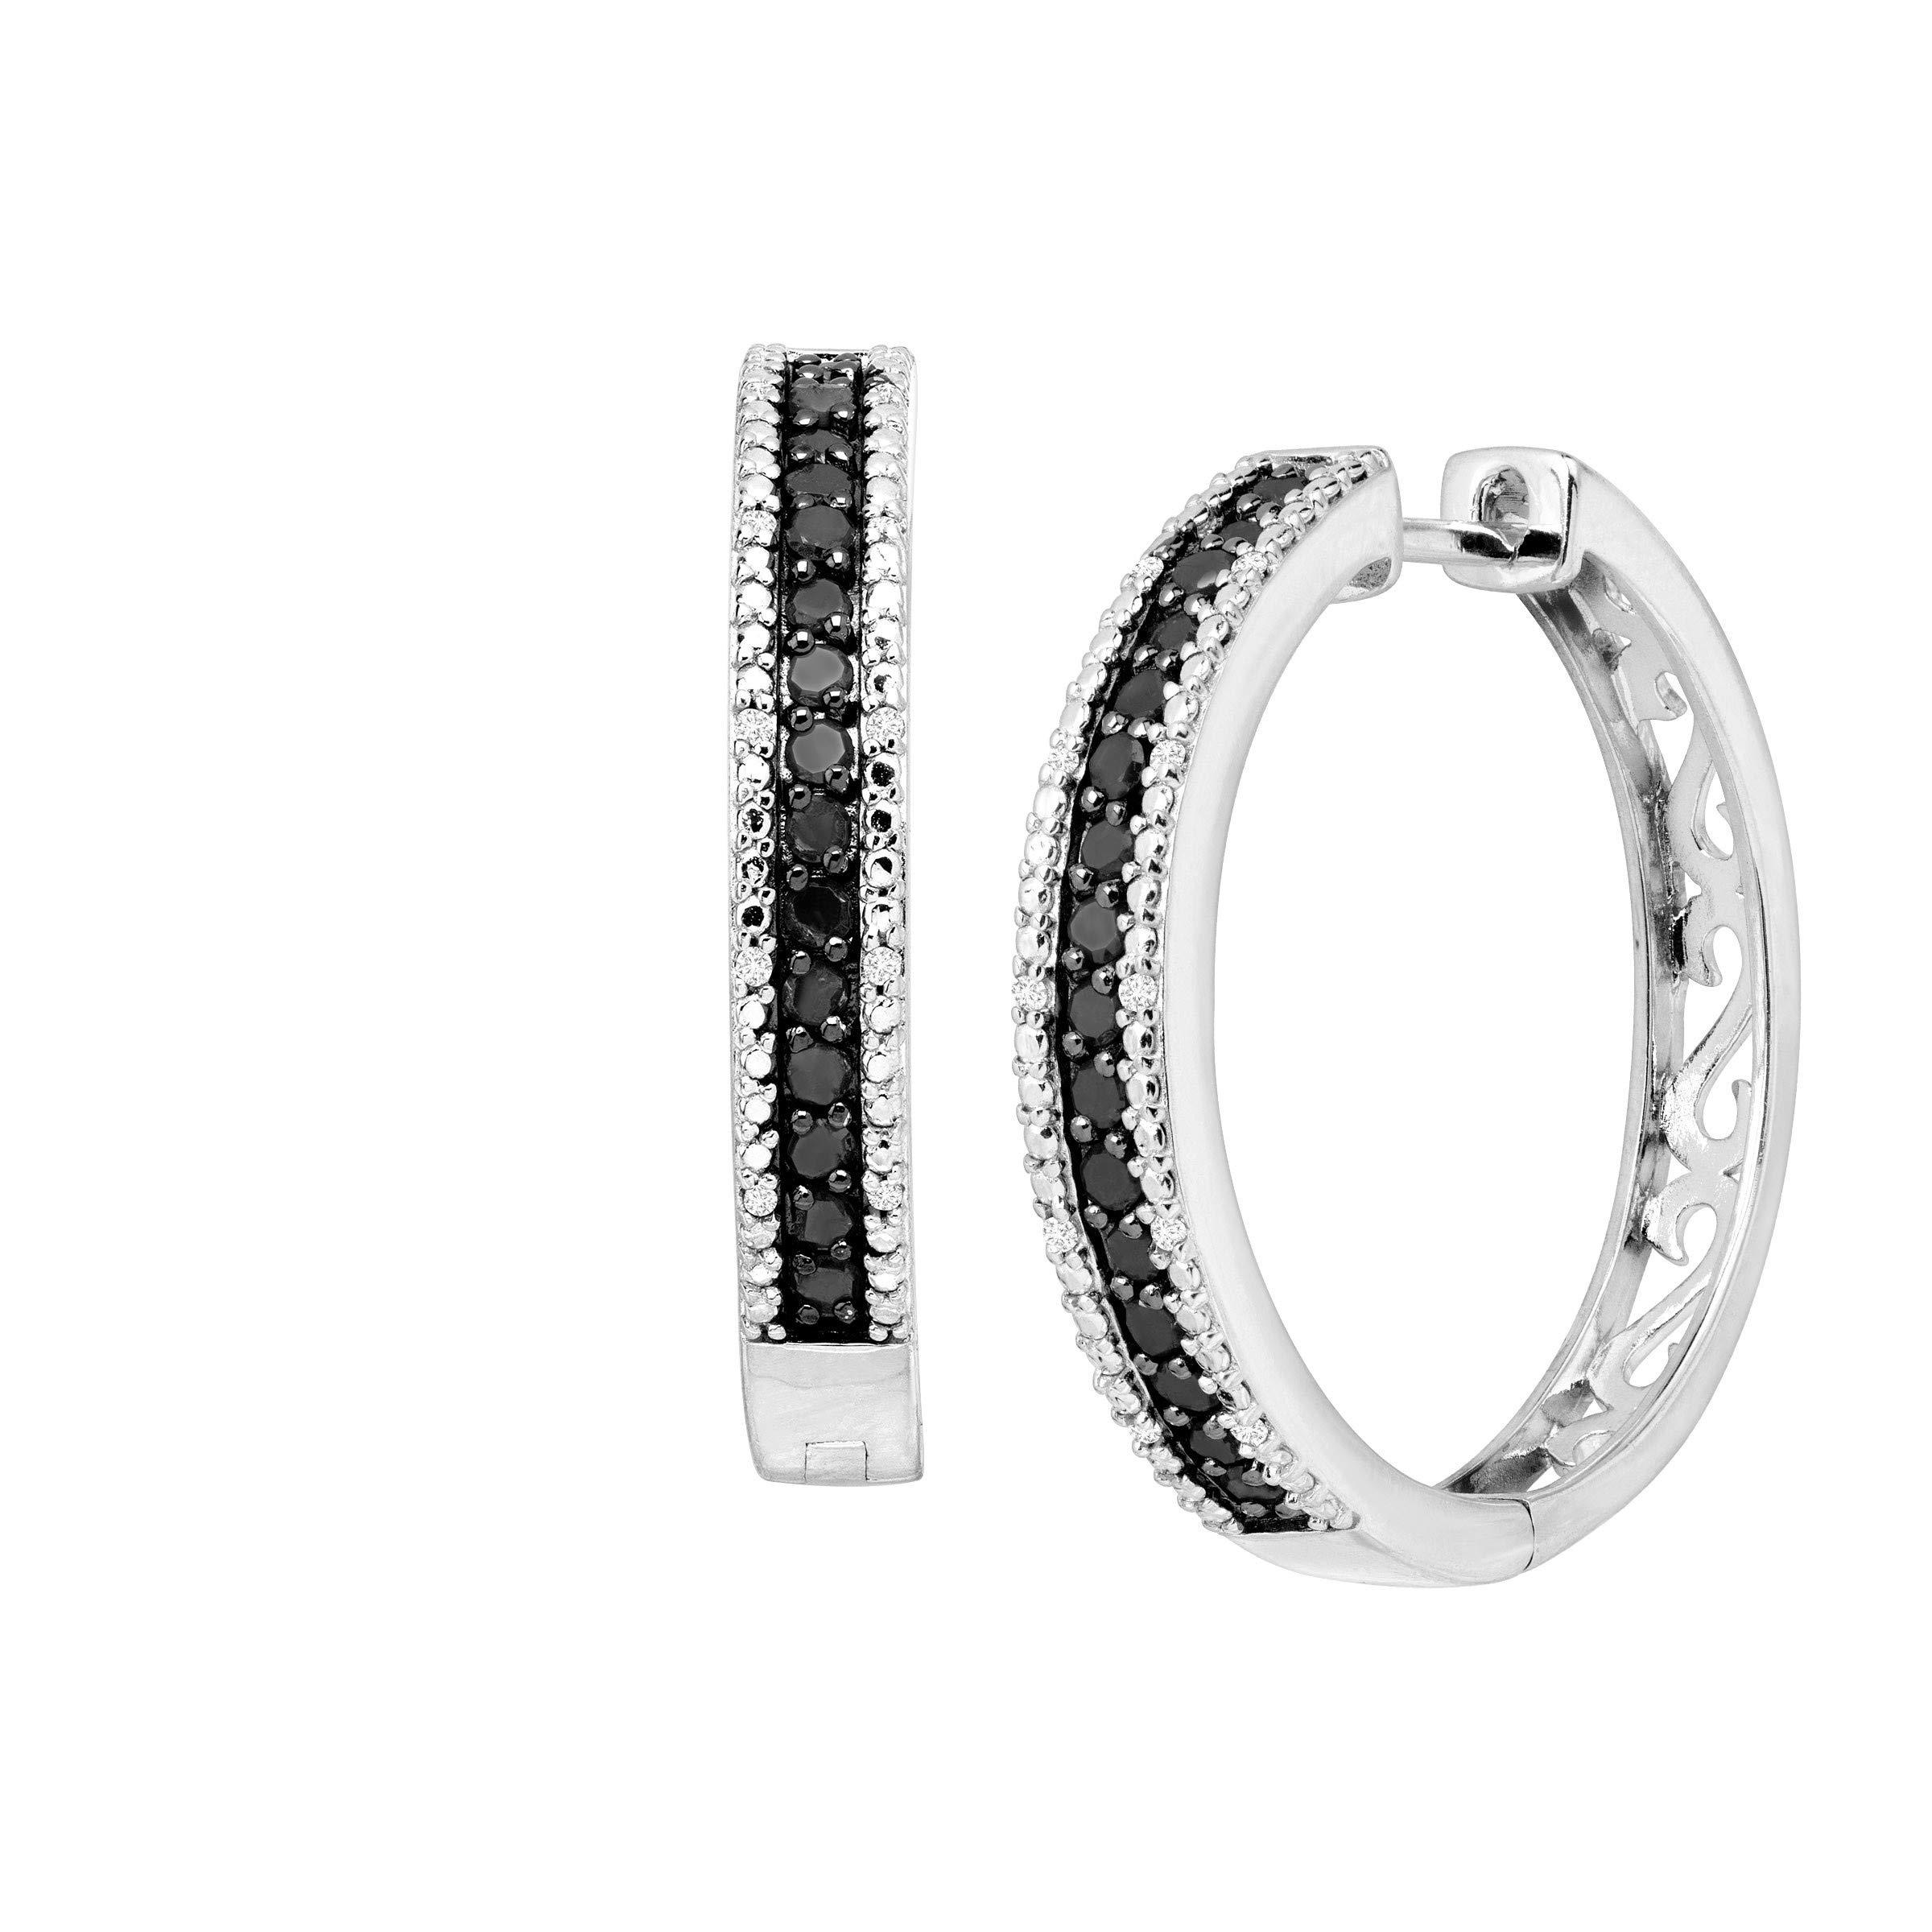 1 ct Black & White Diamond Hoop Earrings in Sterling Silver